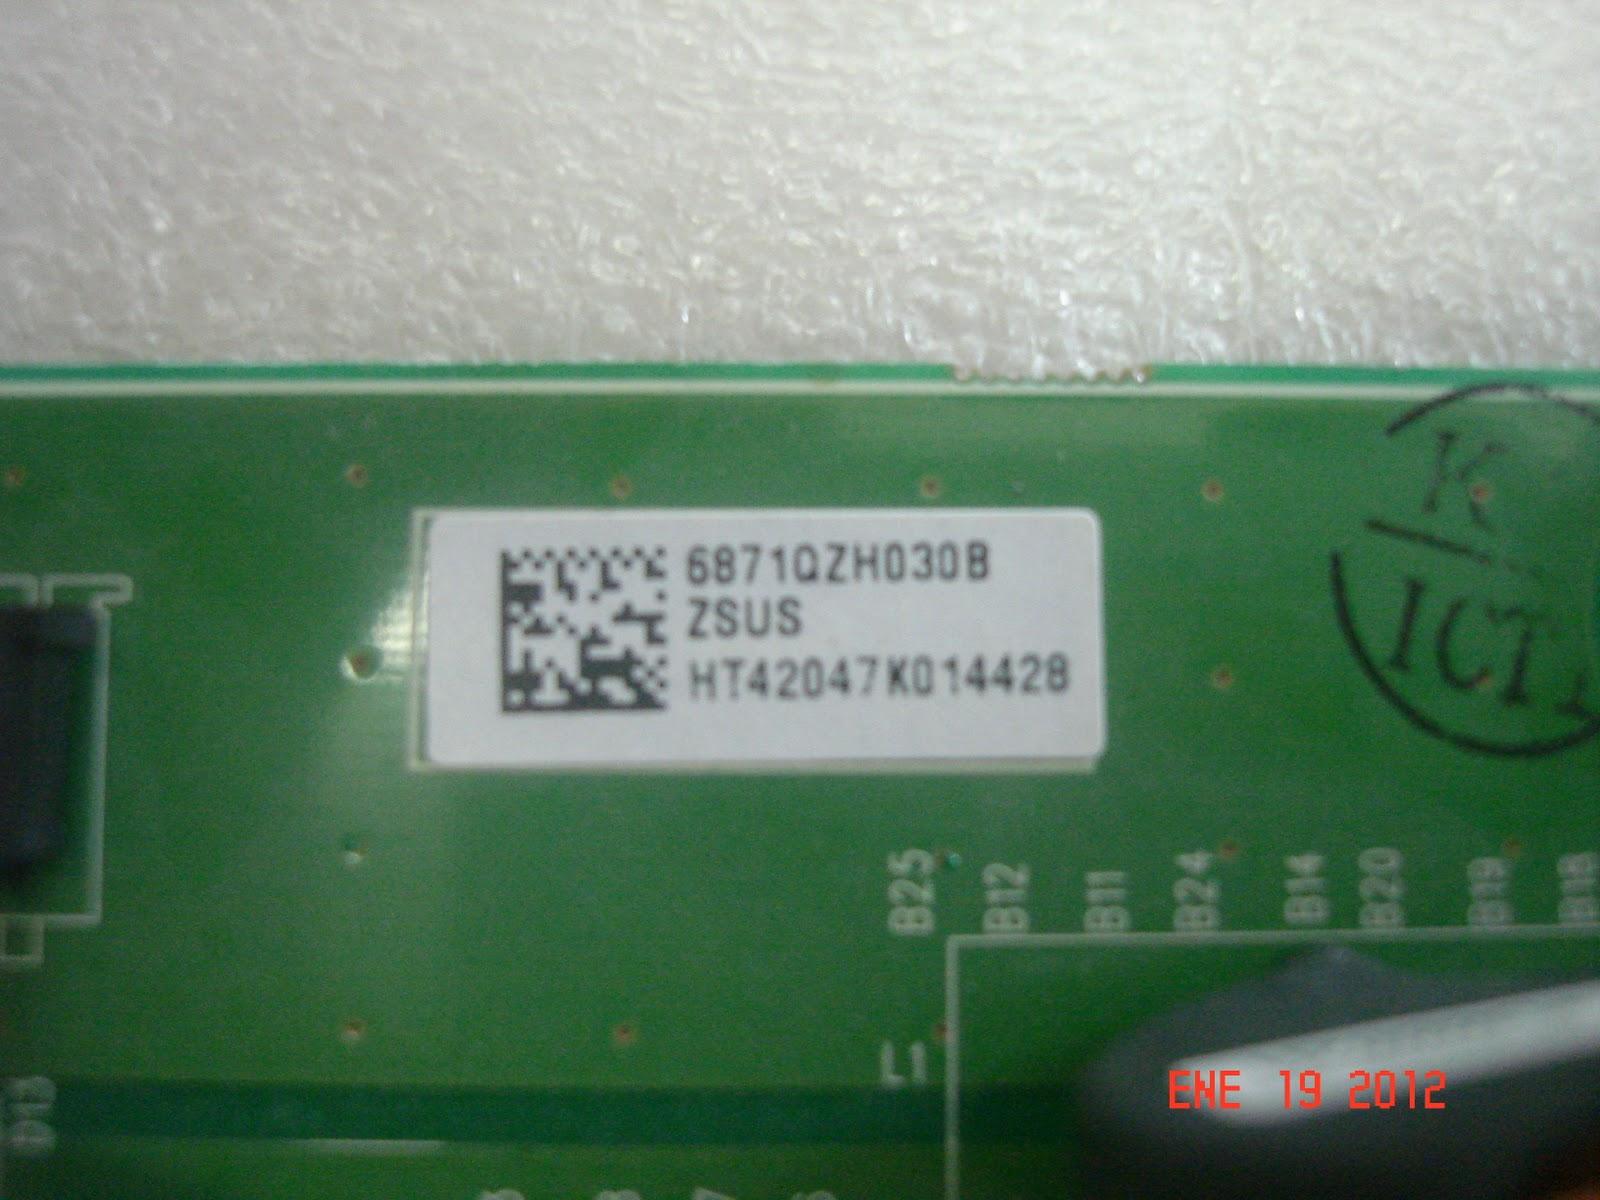 Xpress tv service 6871qzh030b - Modulos para televisores ...